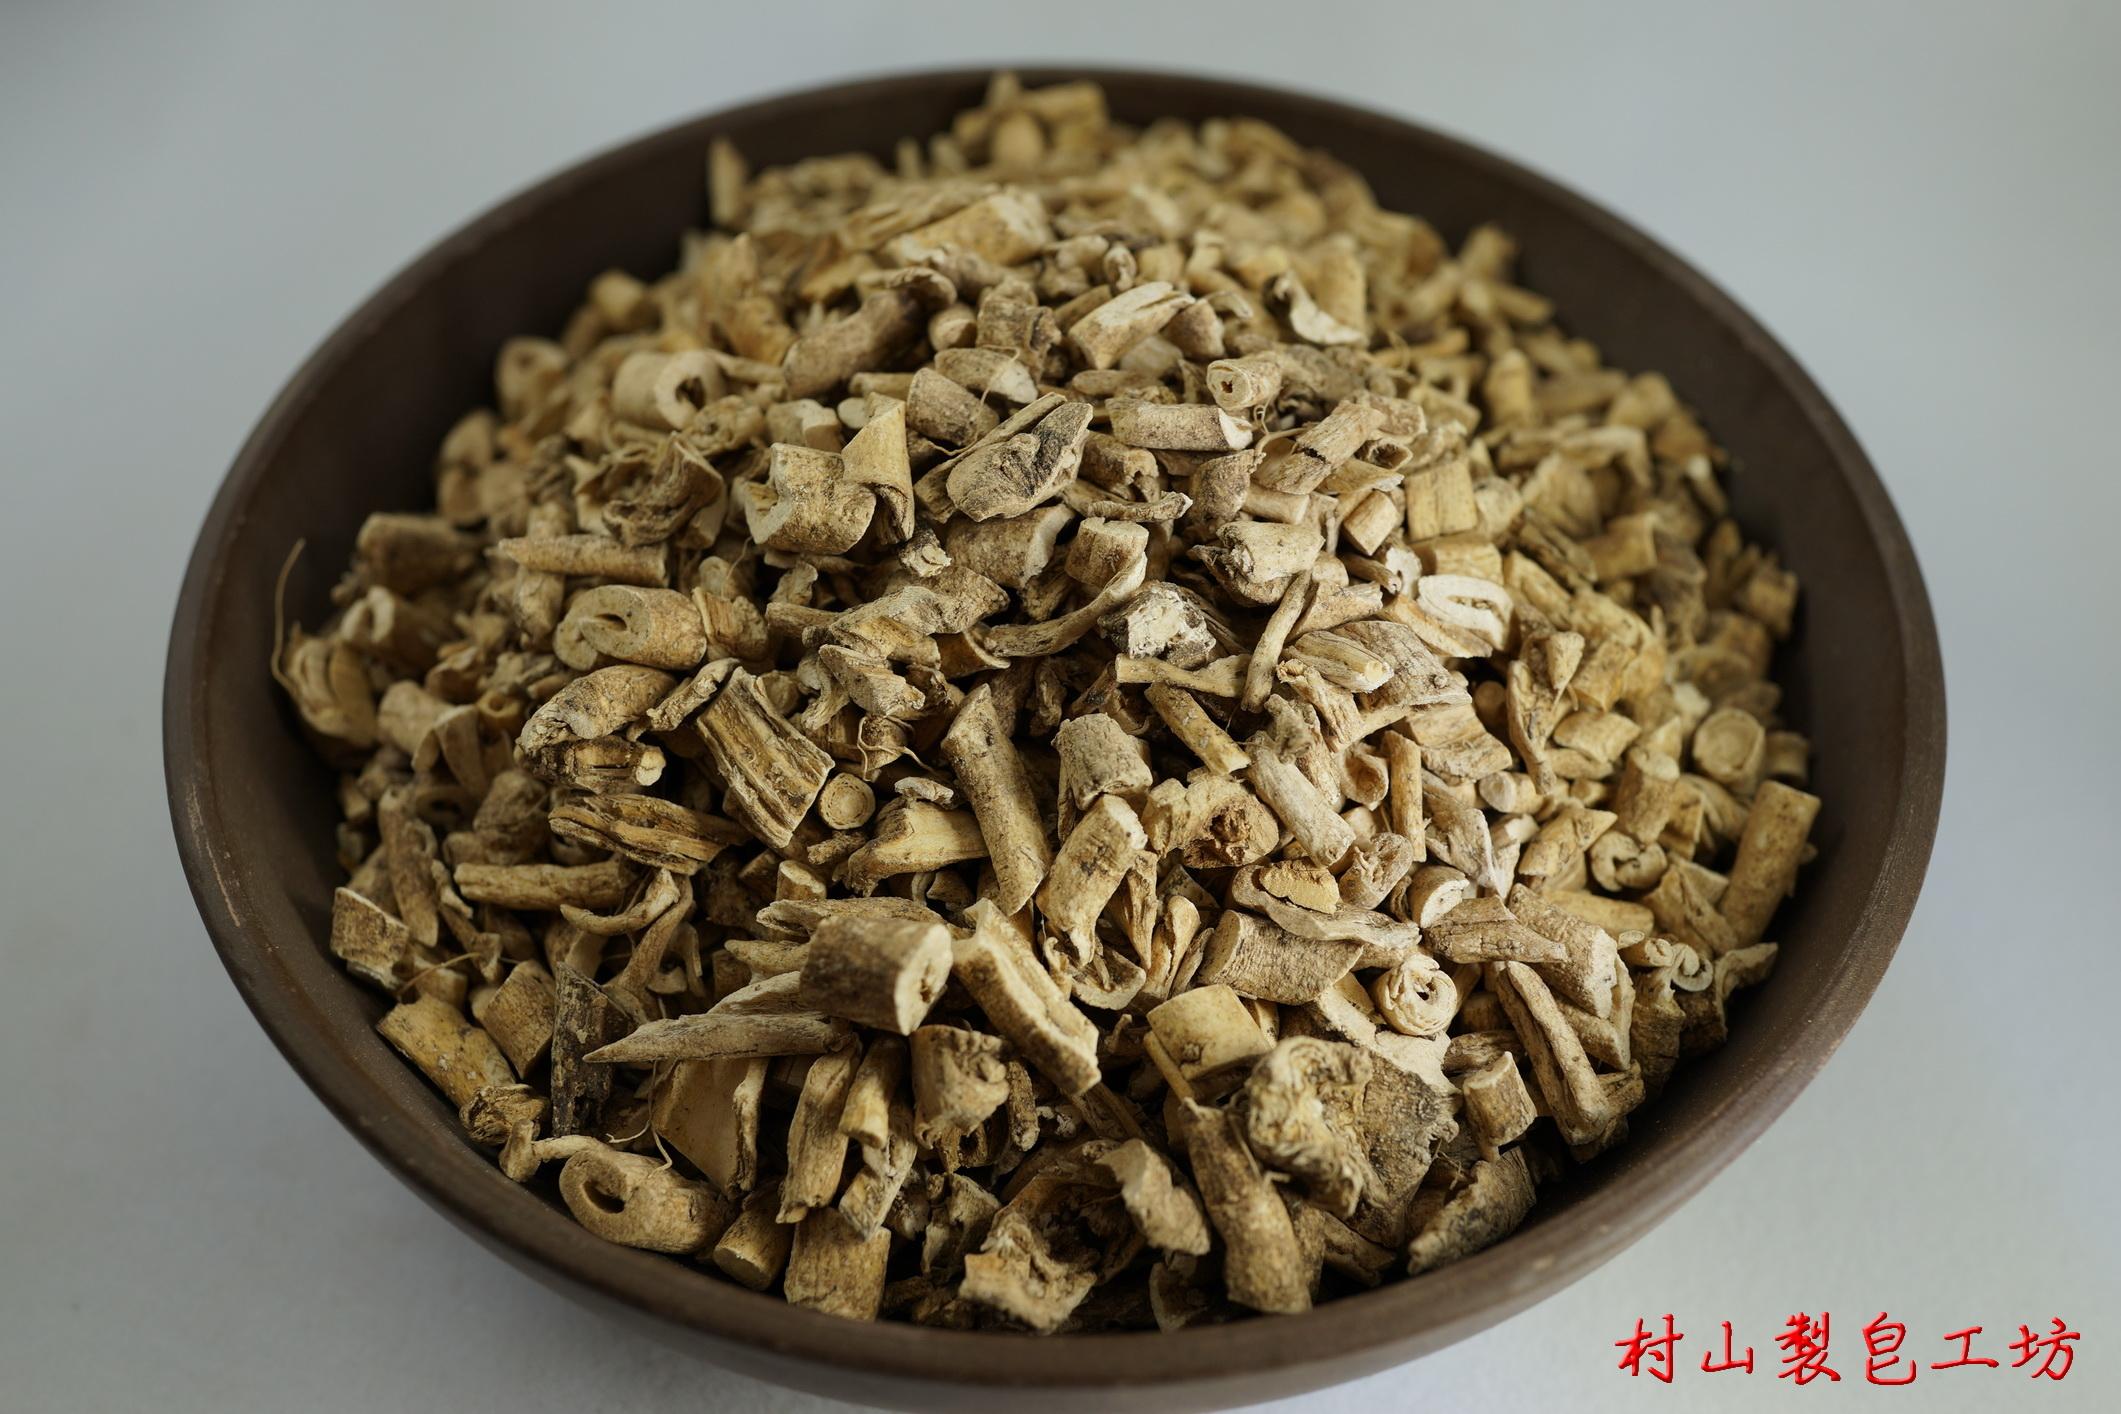 densefruit-pittany-root-bark-2